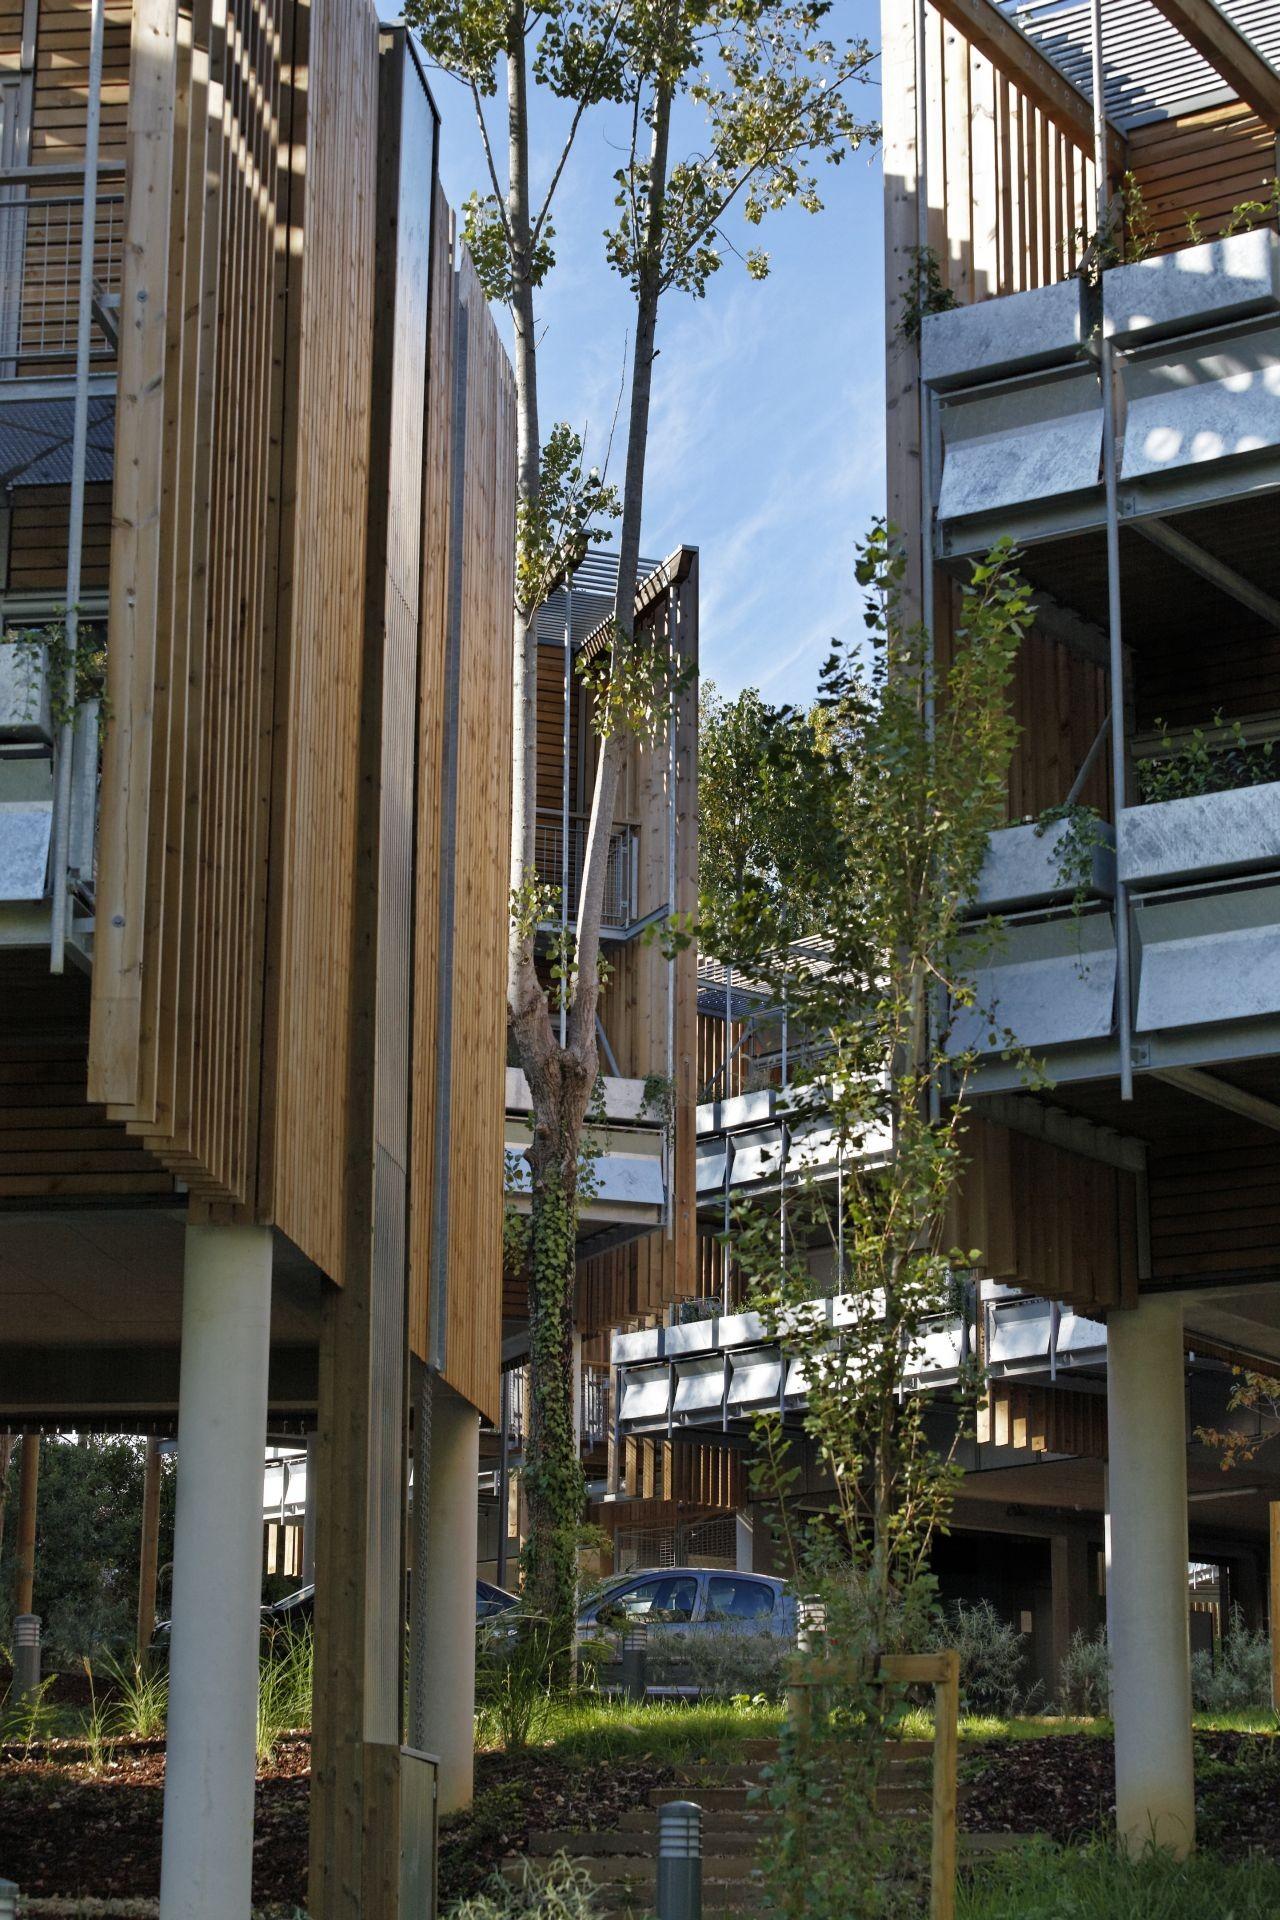 Galeria de eco habita o coletiva la canop e patrick for Agnes b la maison sur l eau